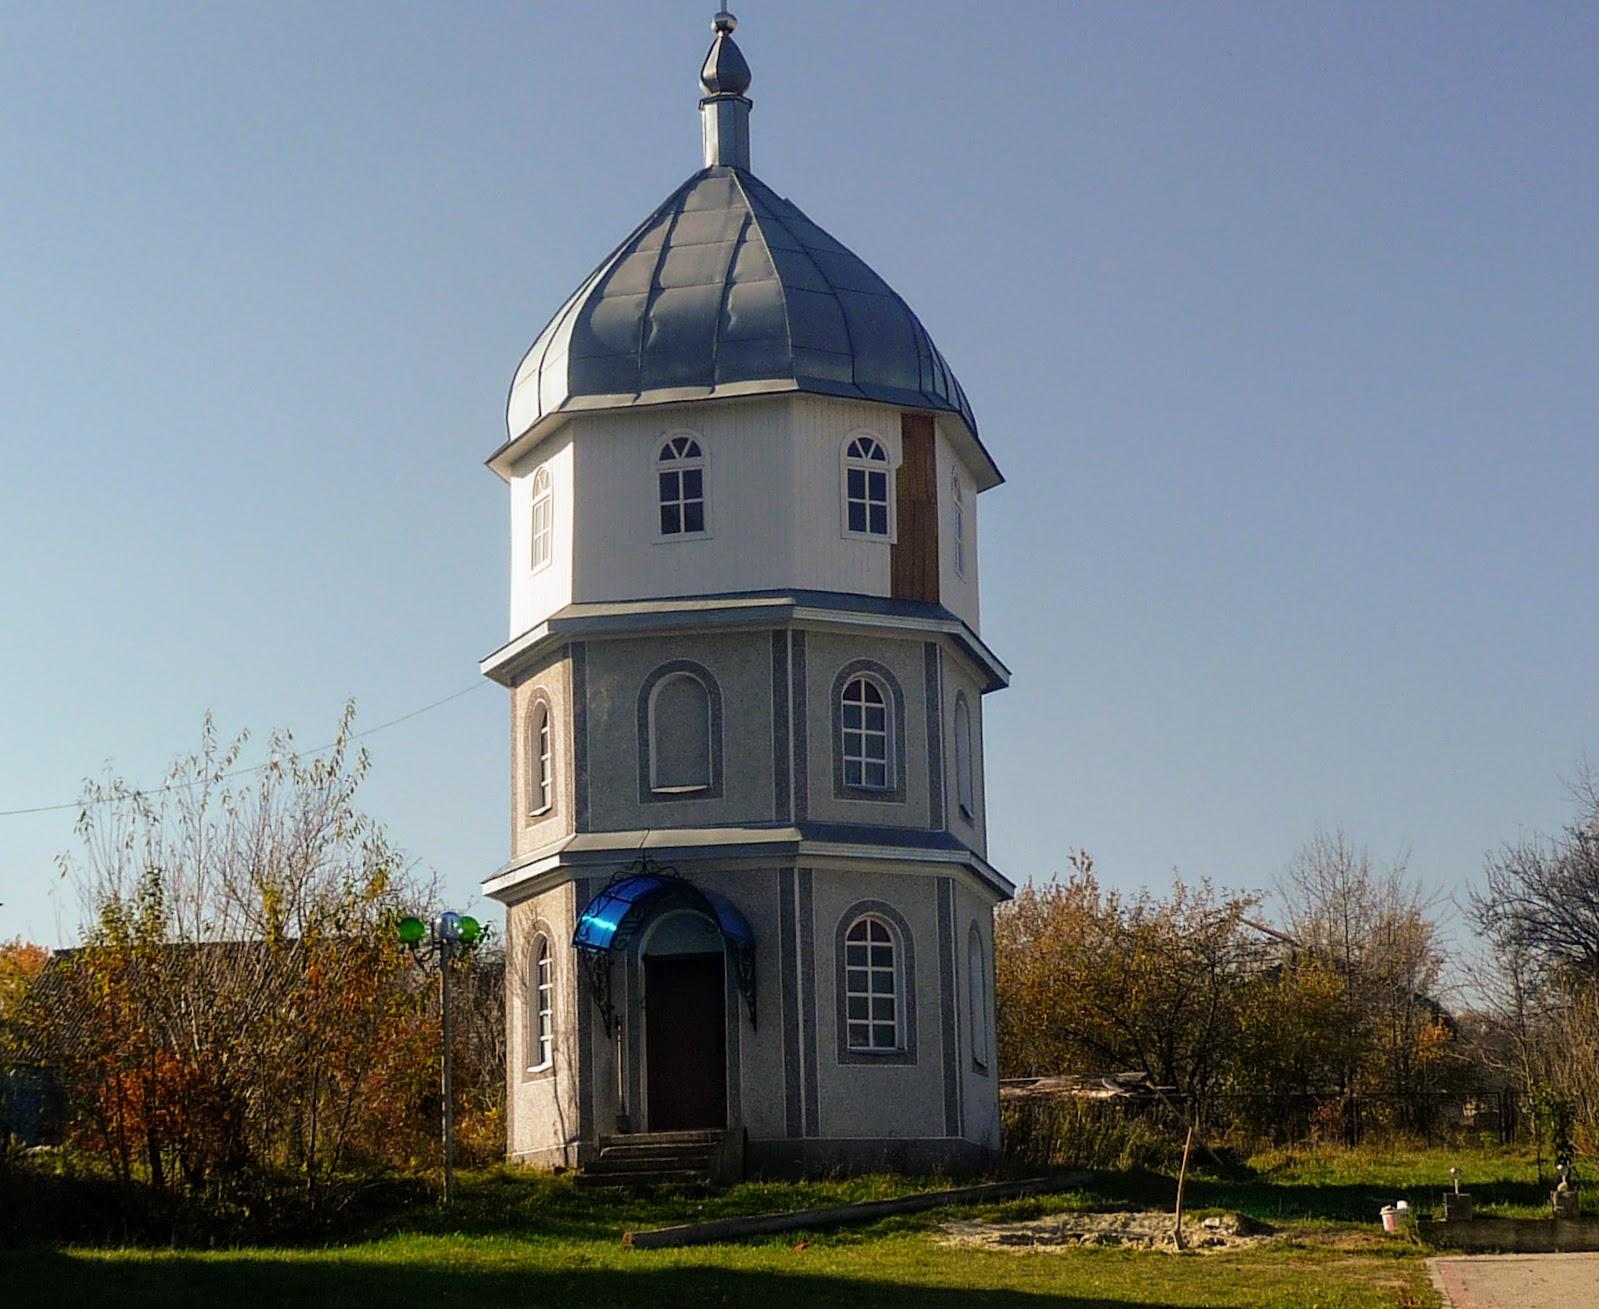 Гериня. Церква Вознесіння Господнього